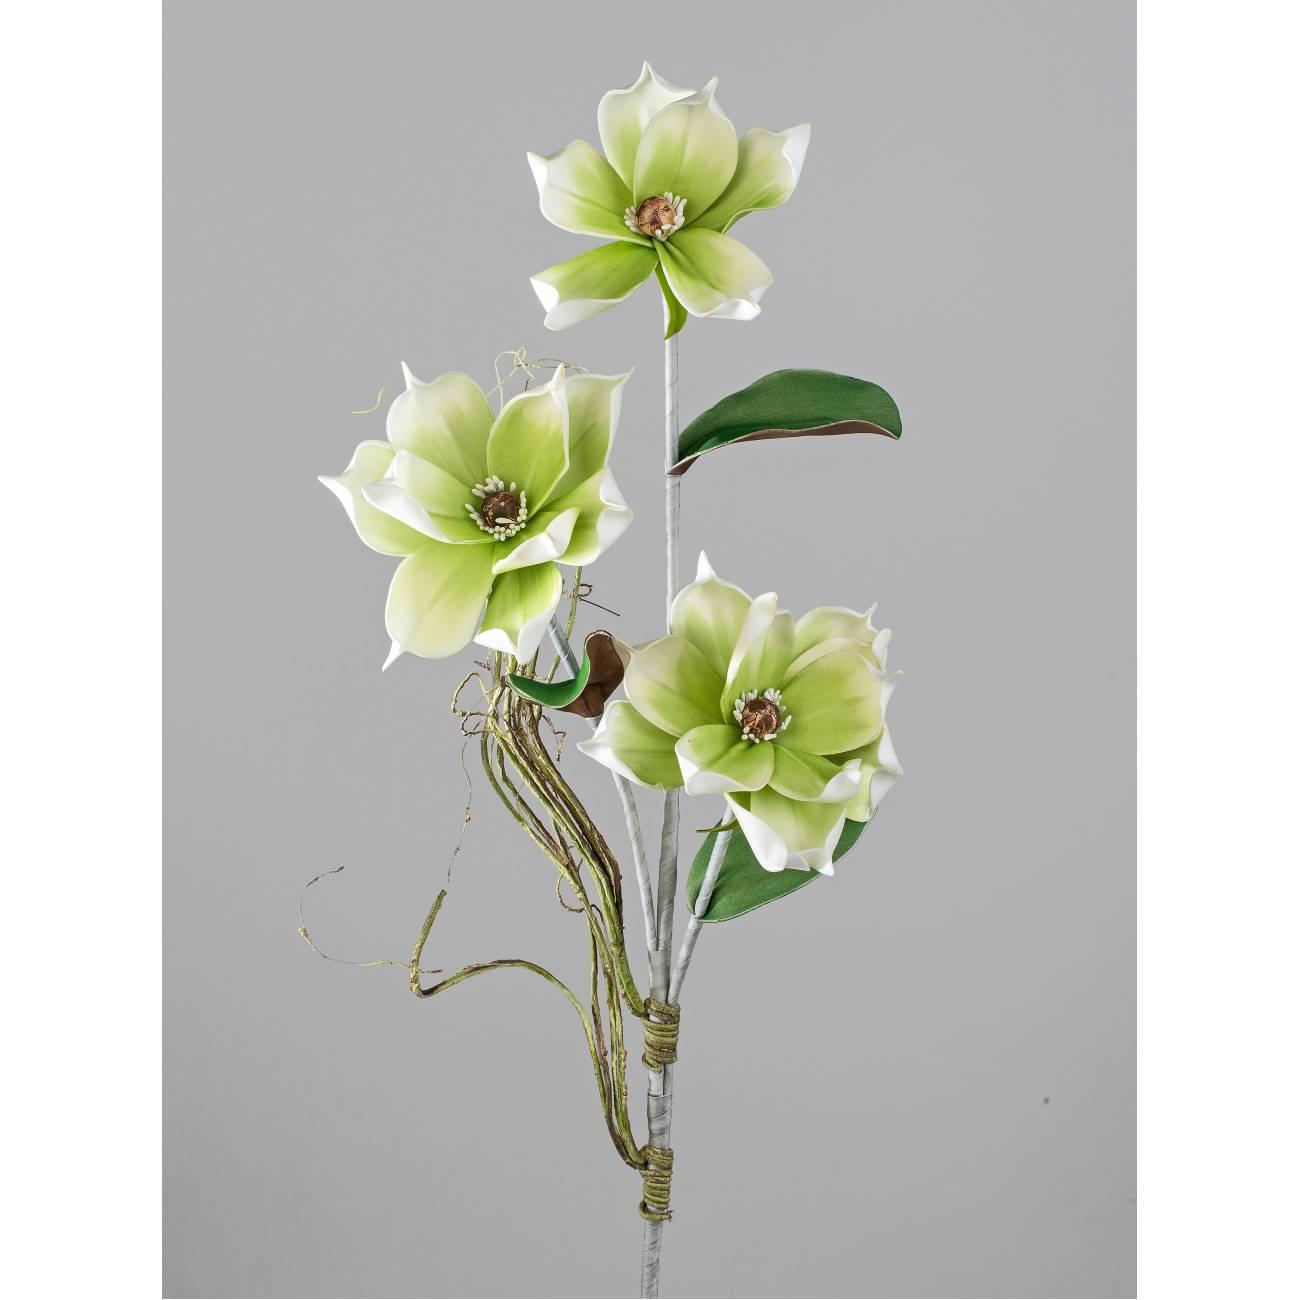 künstlicher Deko Magnolienzweig grün weiß Formano